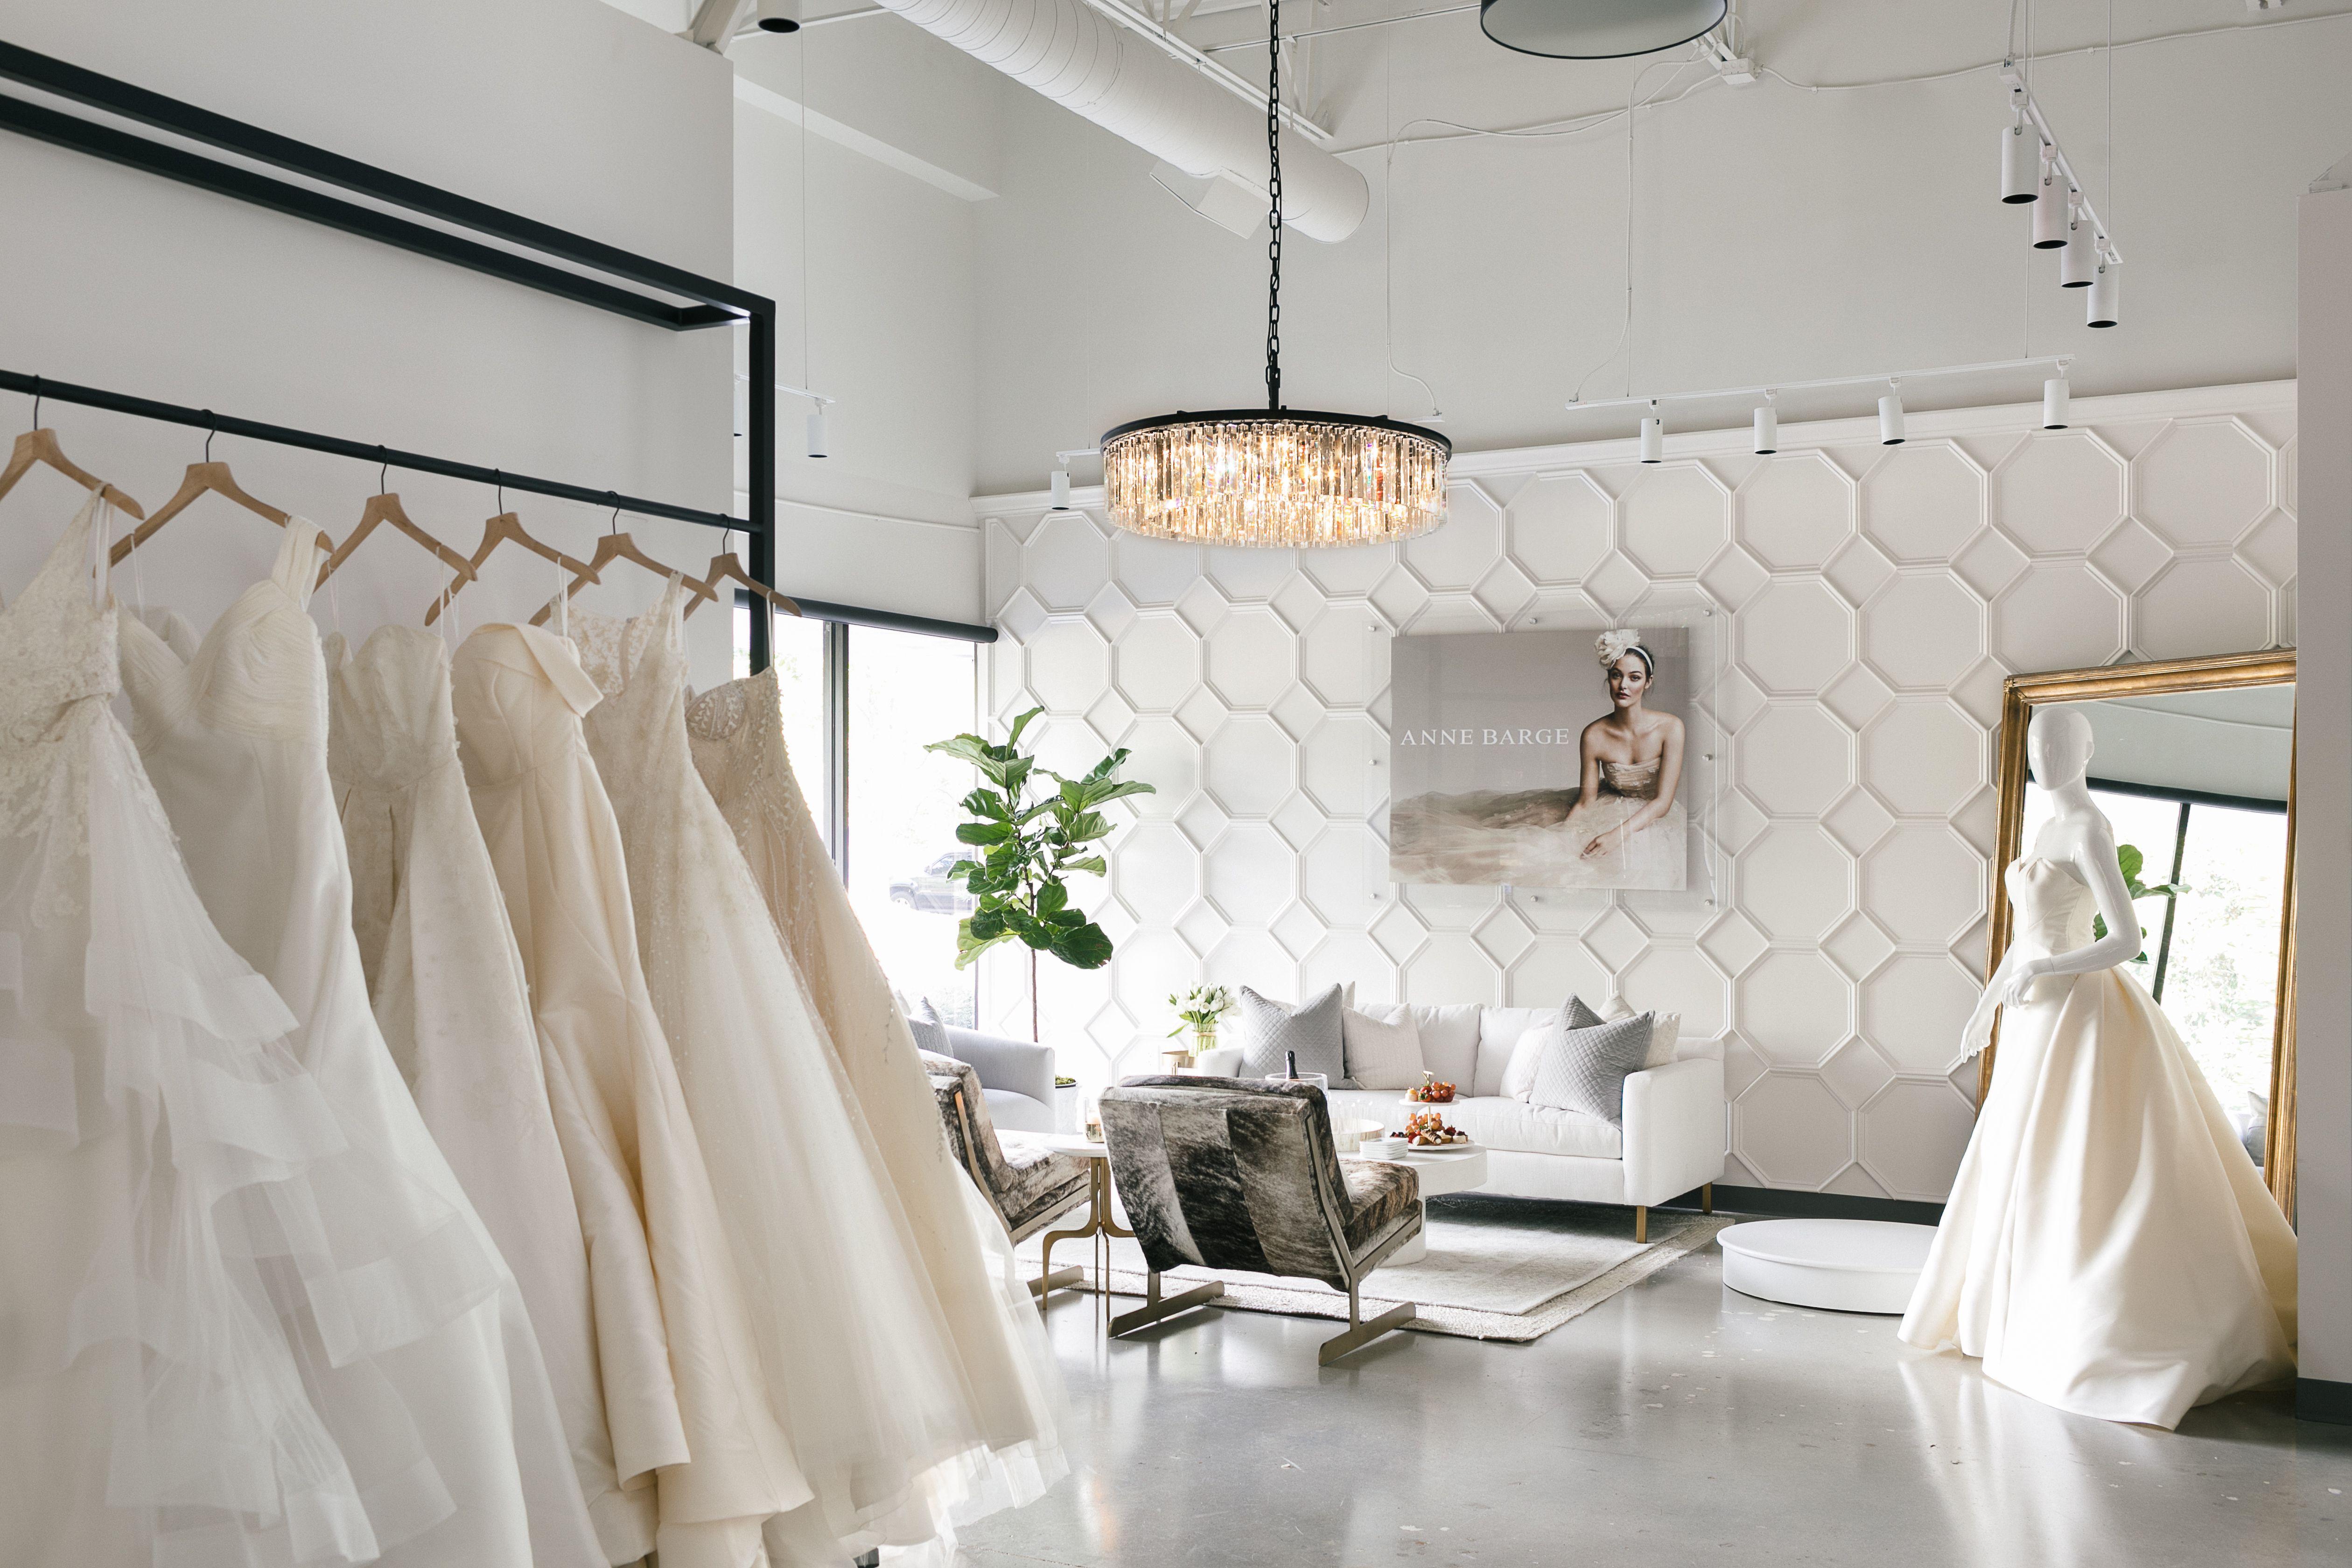 Zelda wedding dress  Meghan Markleus WeddingGown Maker on uSuitsu to Open Atelier in